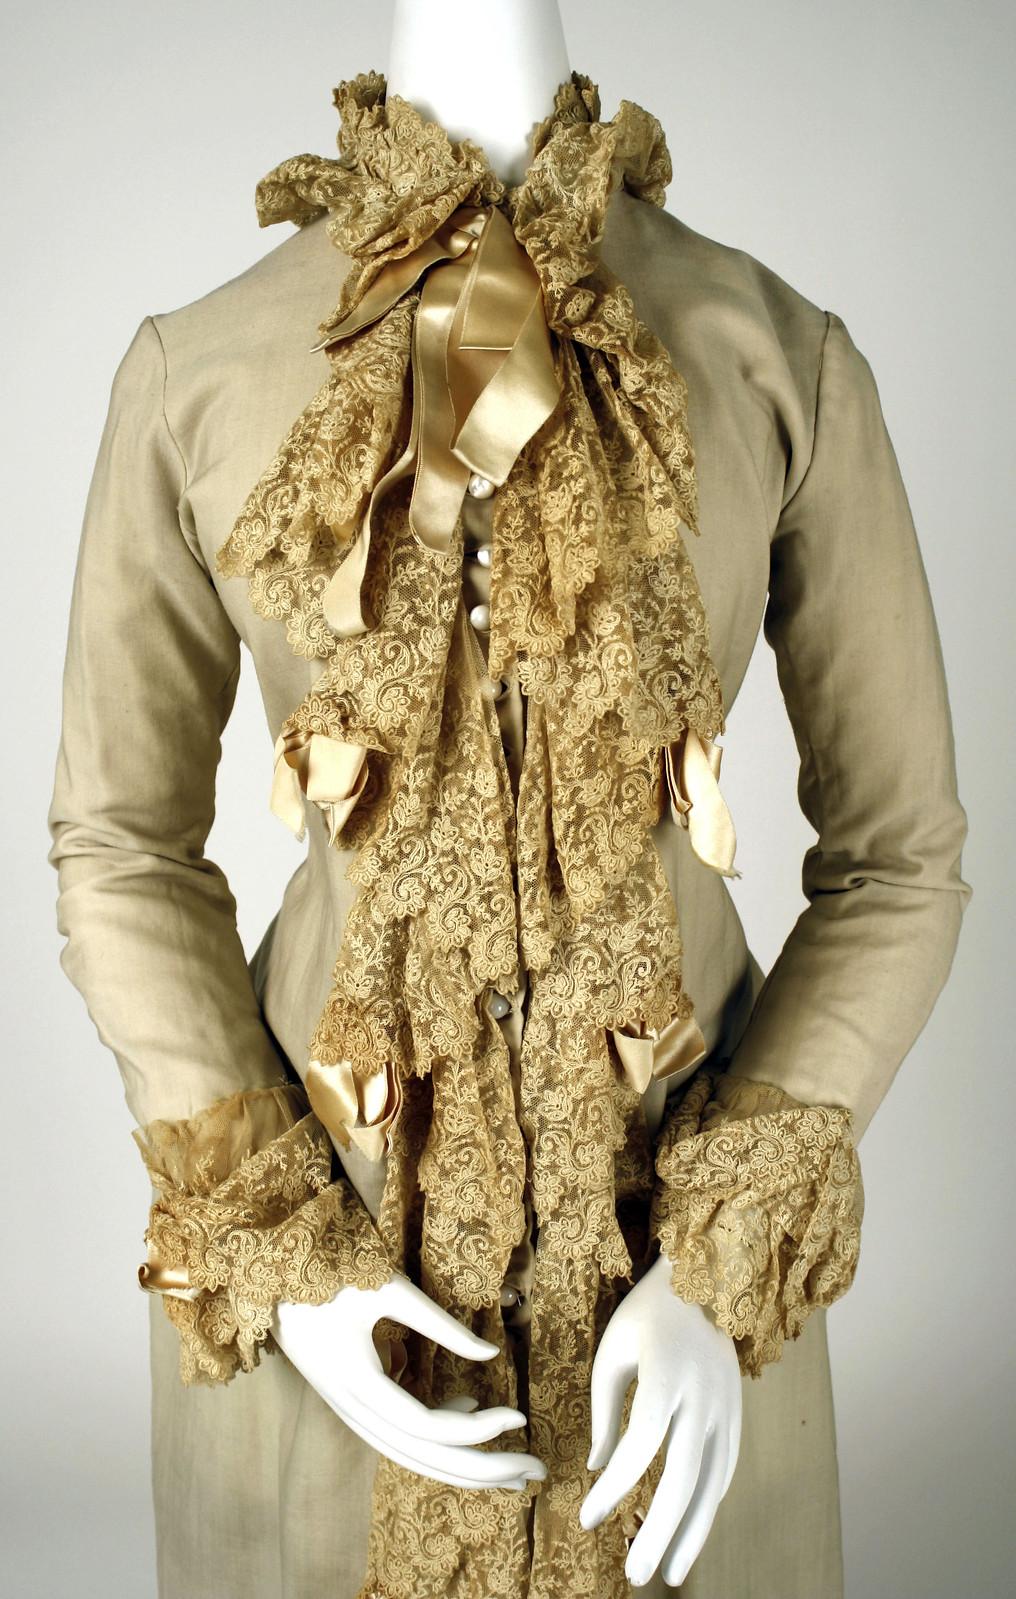 Dressing gown, 1880-90, American, wool, metmuseum